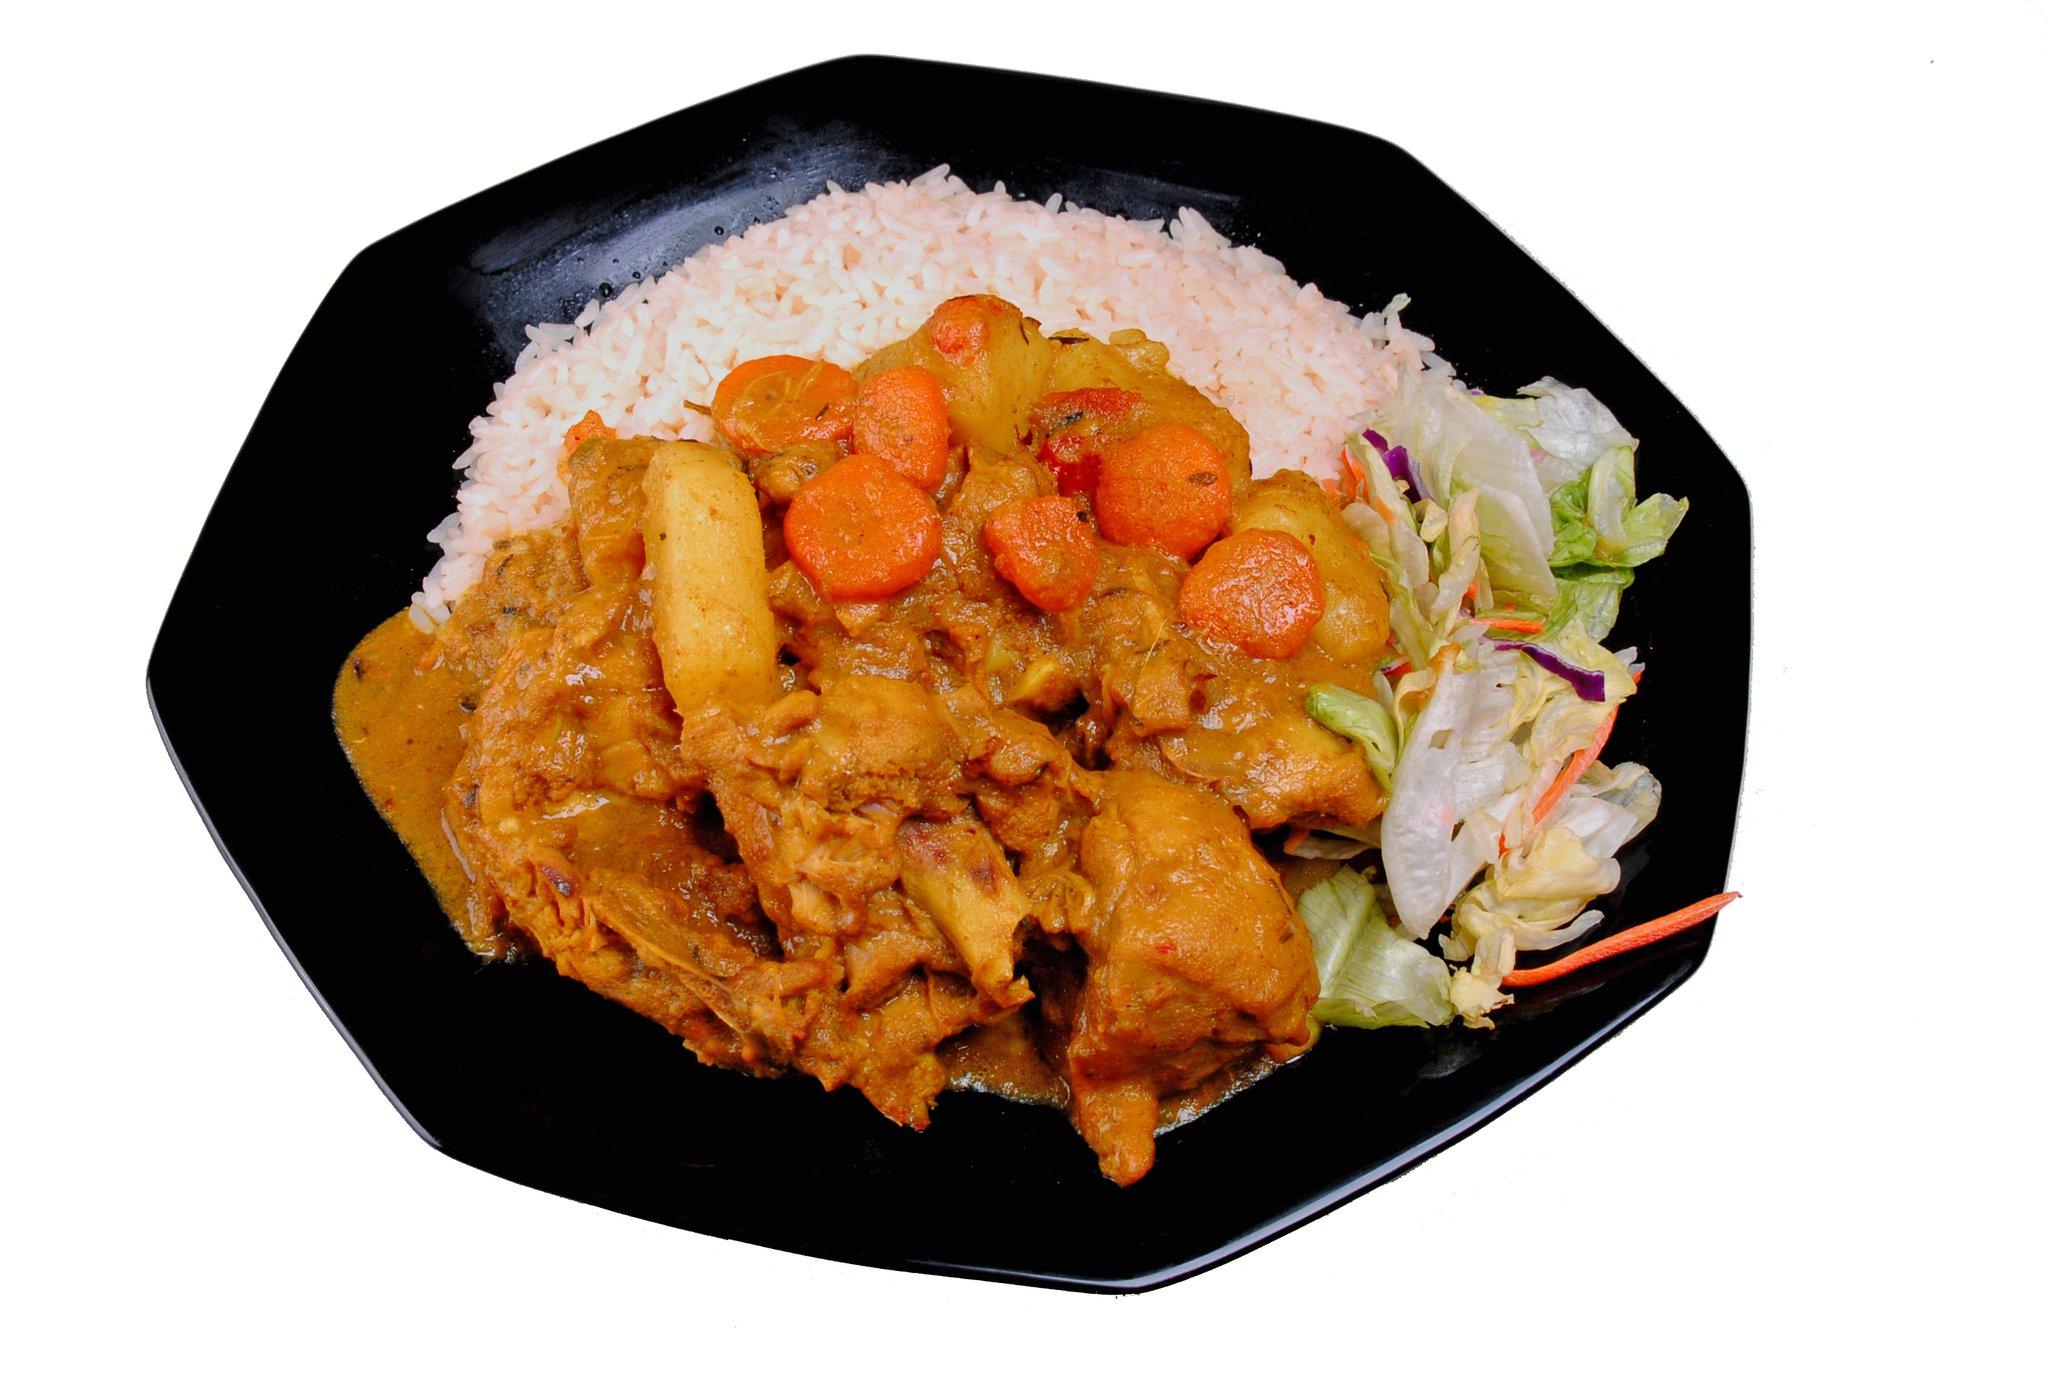 Authentic Jamaican Cuisine Authentic Jamaican Restaurant